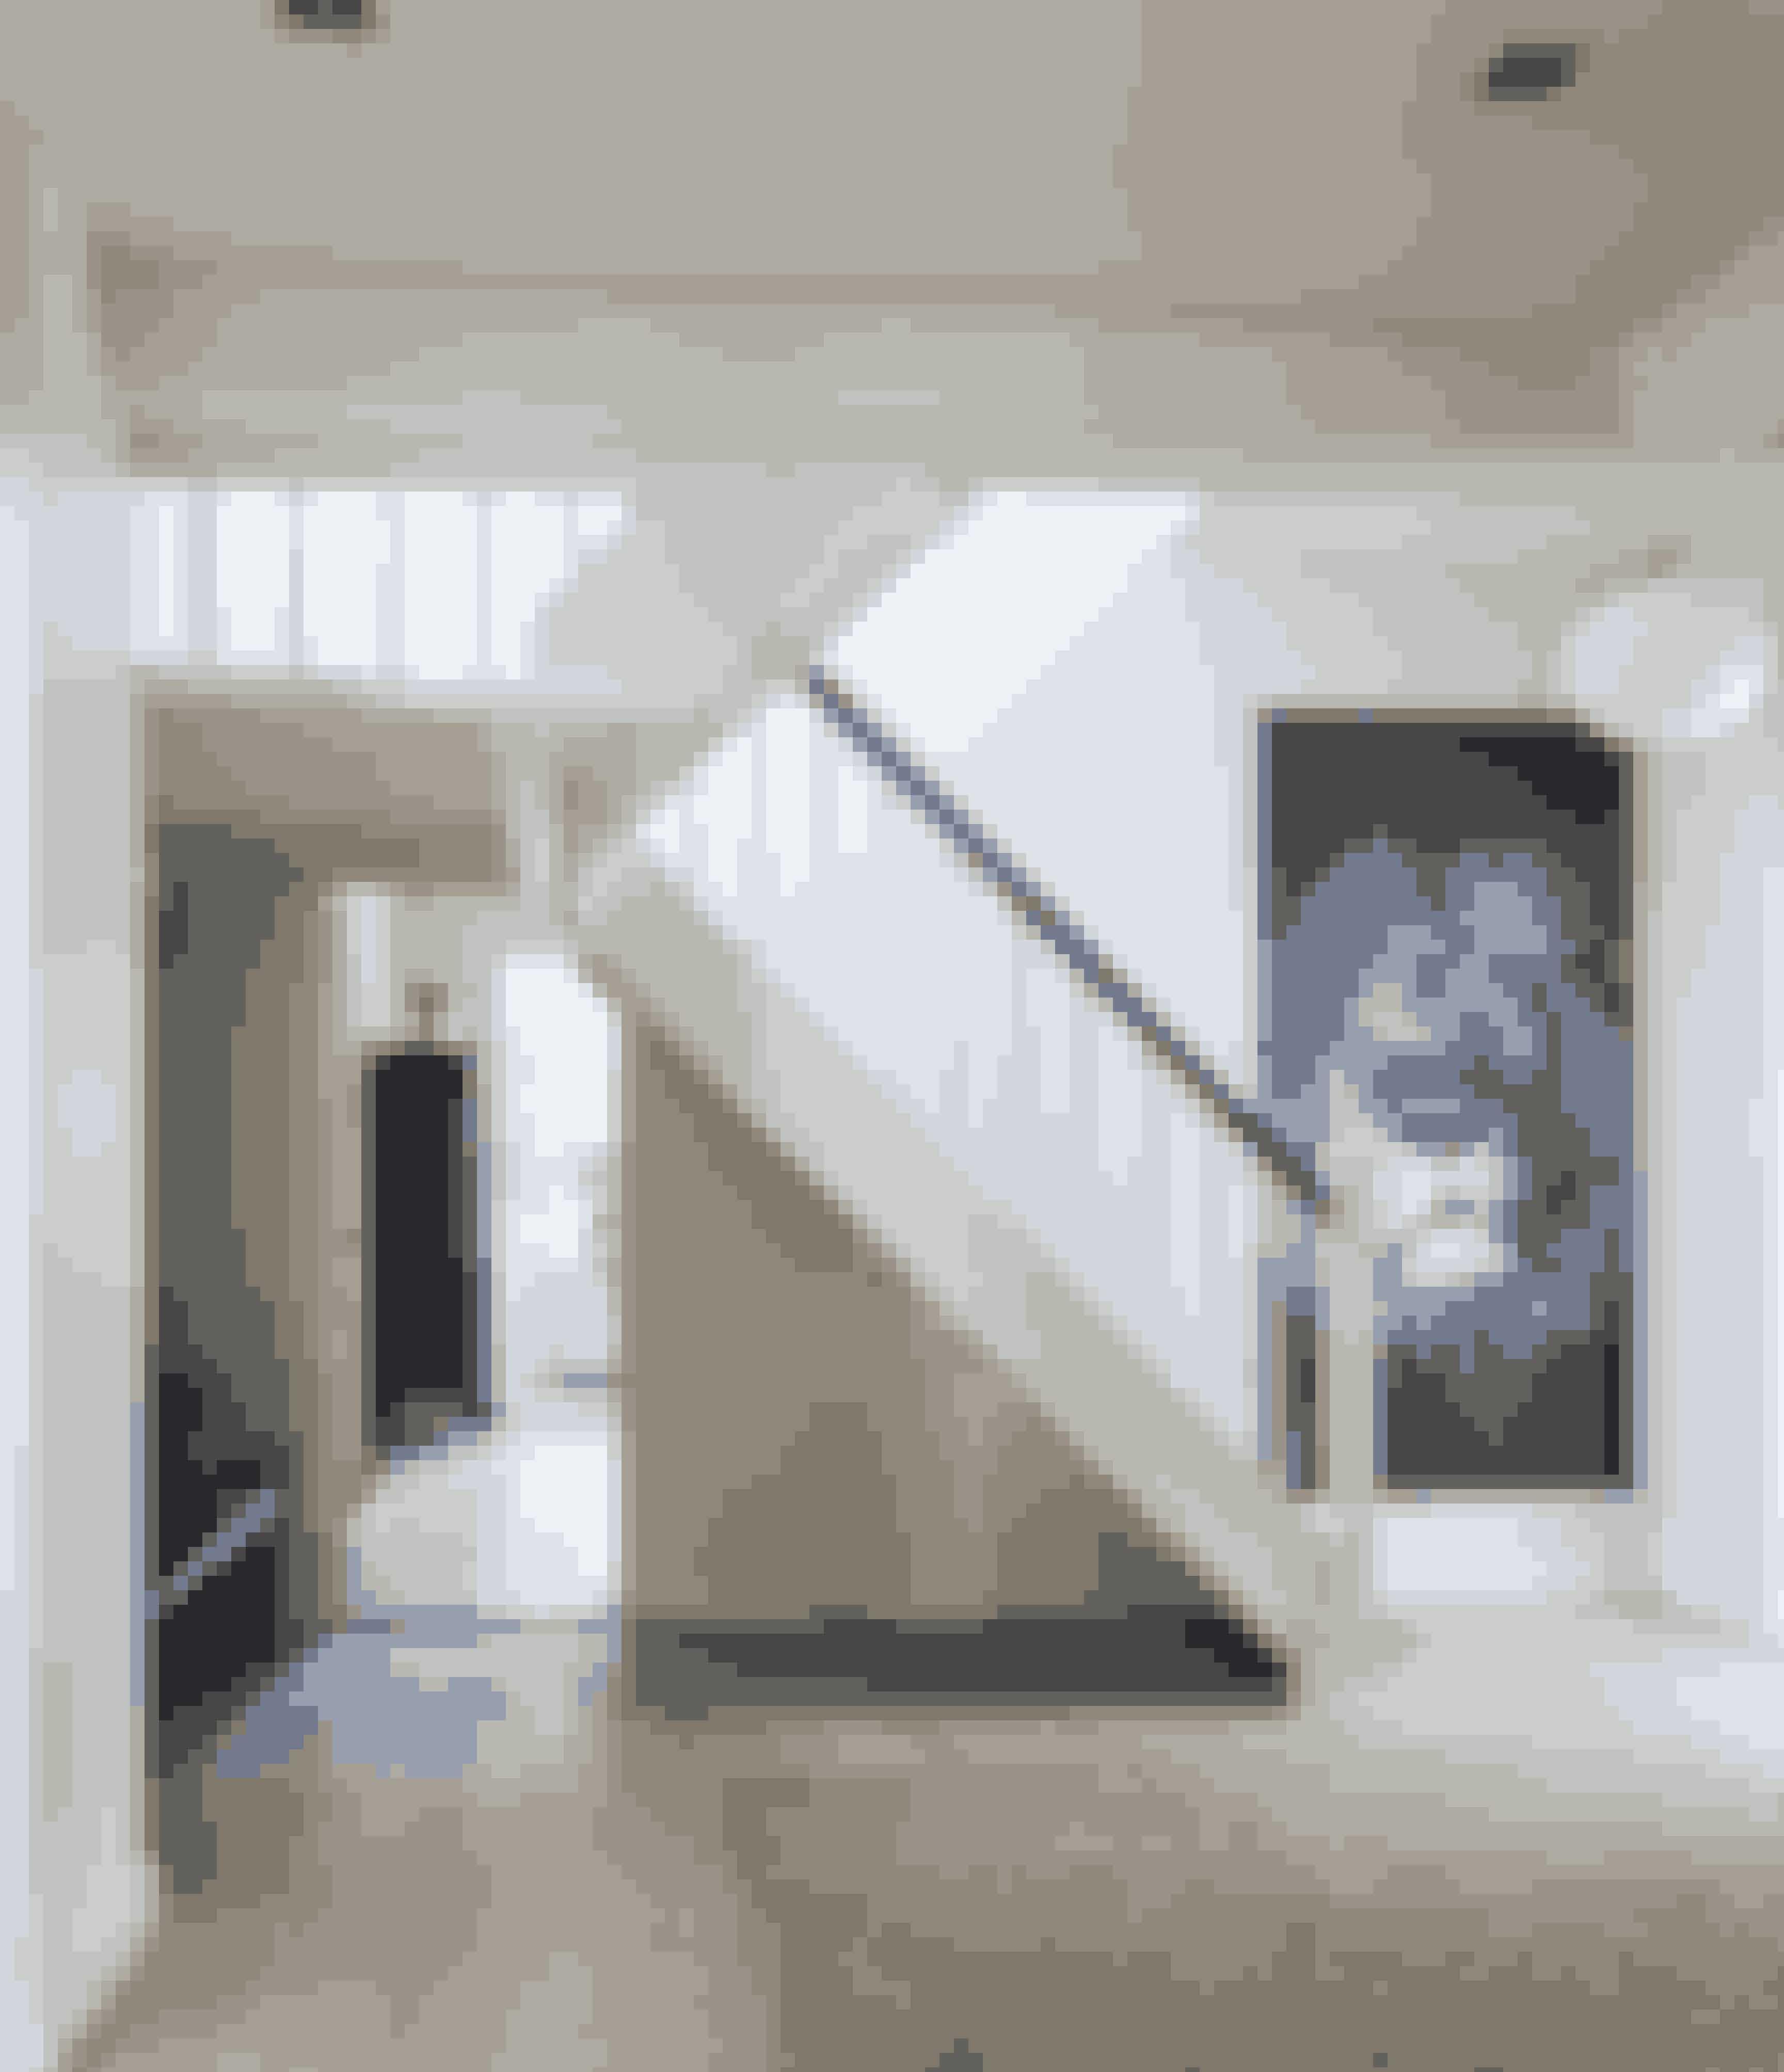 Den lyse fordelingsgang er også husets hall. Den rummede oprindeligt familiens køkken, der nu er rykket ud i en nyopført tilbygning. Fotostaten af en løve er skabt af Karina Eg. Hun laver tilsvarende på bestilling til private og virksomheder. Se mere på karinaeg.dk.